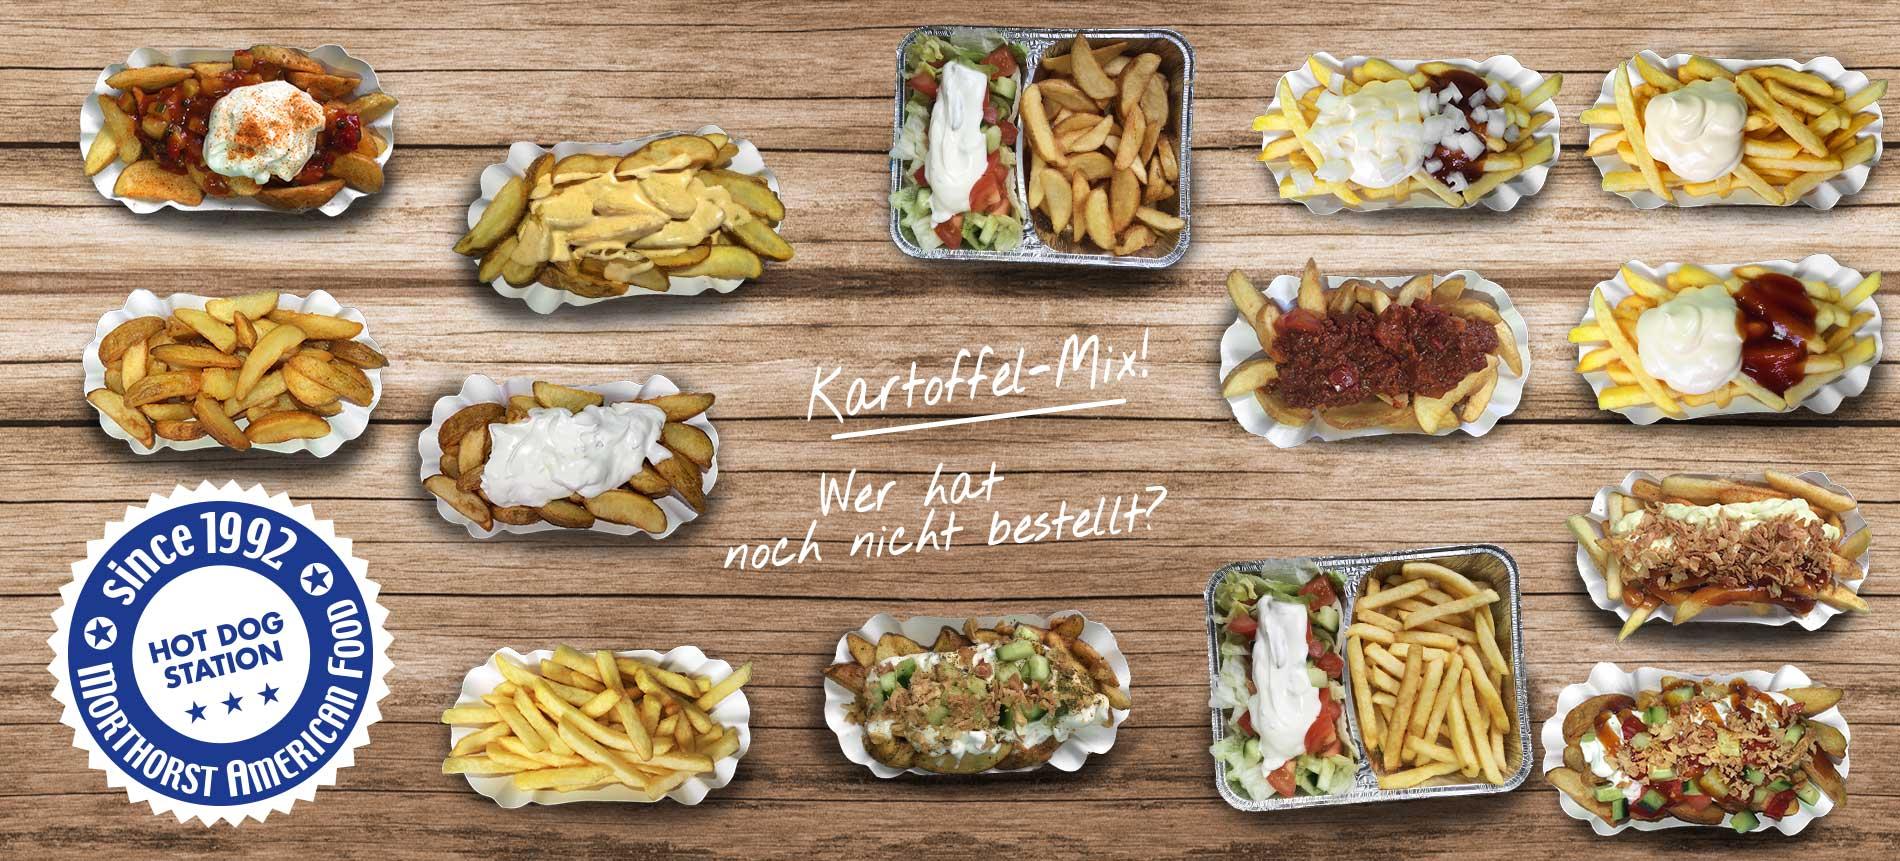 Hot Dog Station Kartoffeln